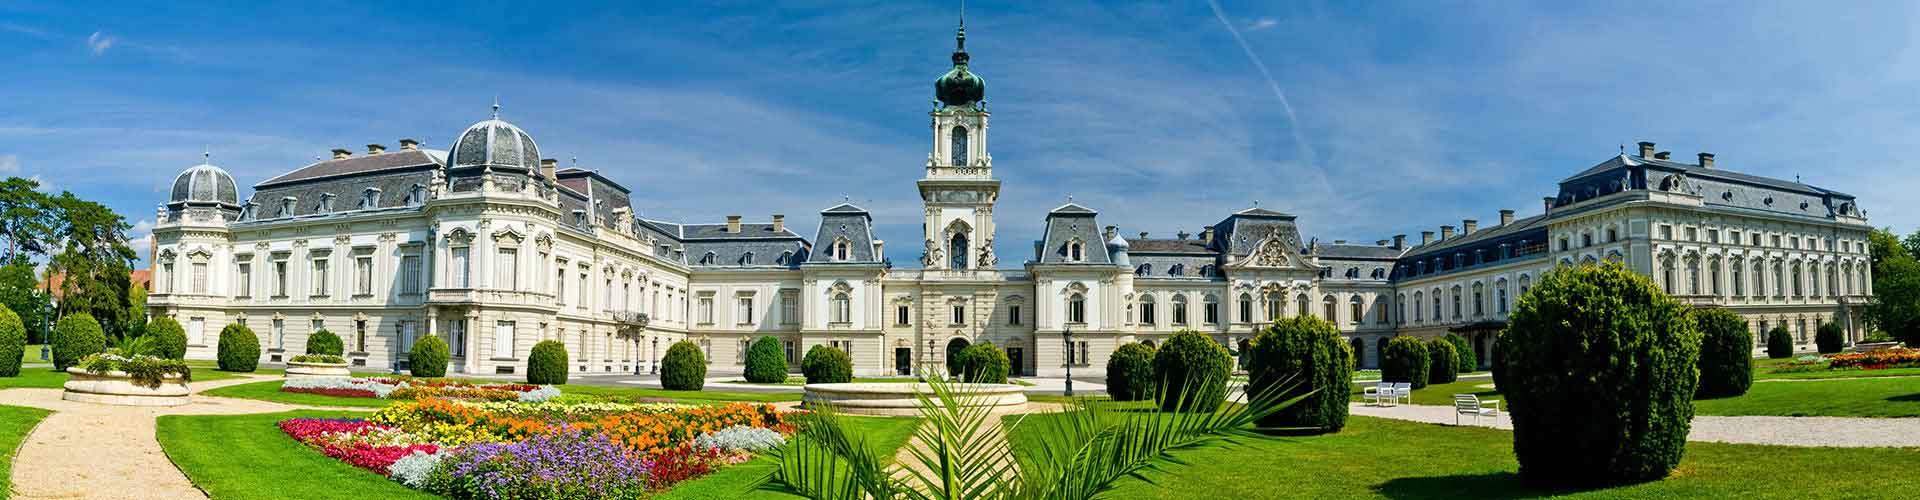 Keszthely - Habitaciones en Keszthely. Mapas de Keszthely, Fotos y comentarios de cada Habitación en Keszthely.